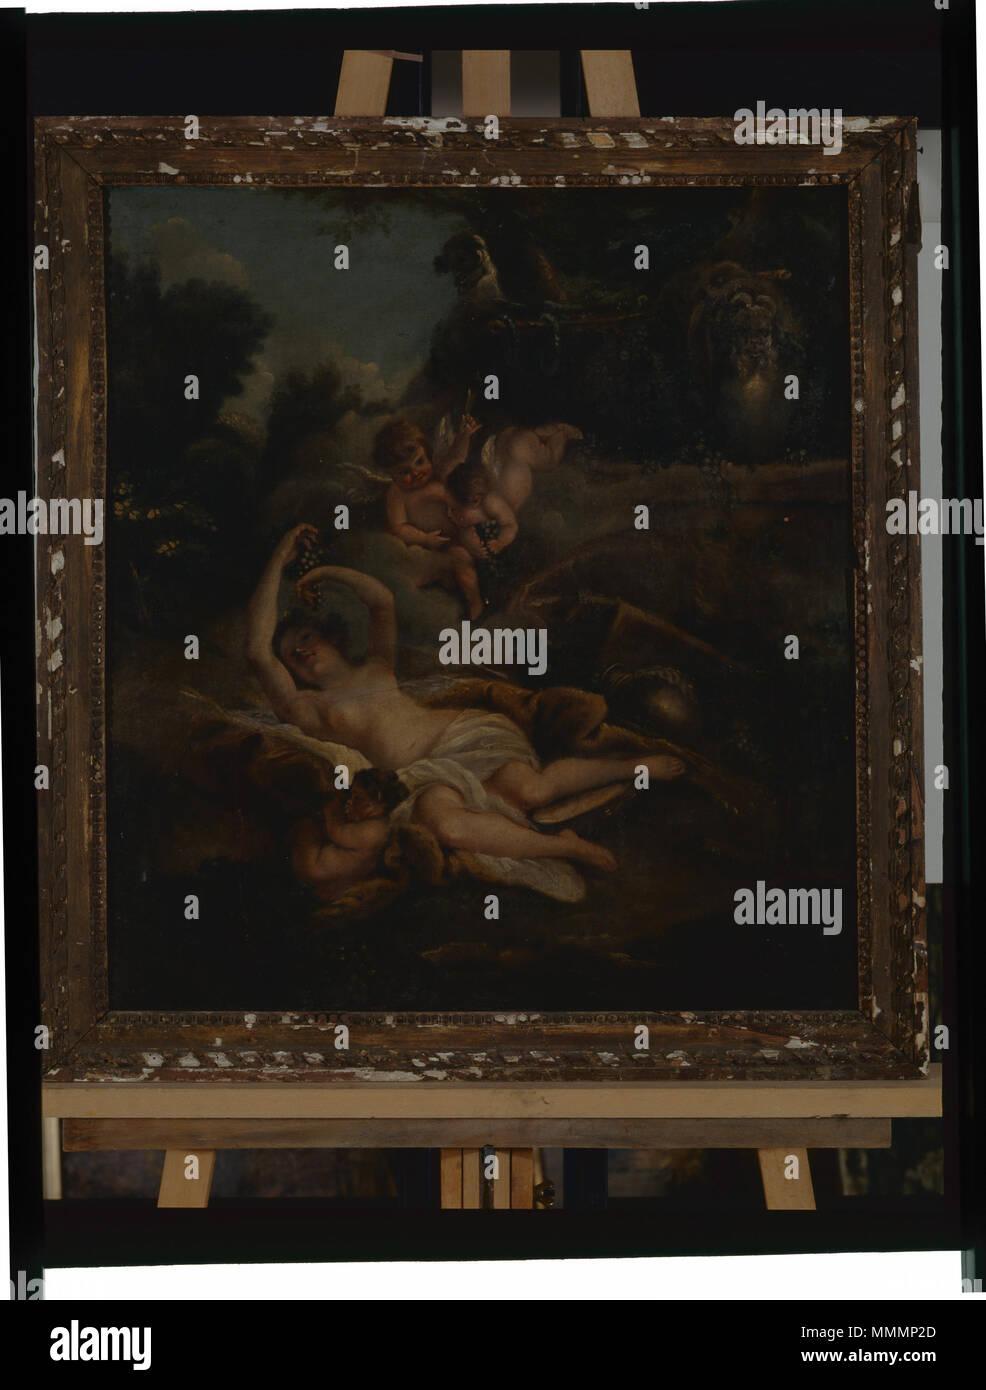 Femme nue Couchée - anonyme - Musée d'Art et d'Histoire de Saint-Brieuc, 228 Stockfoto